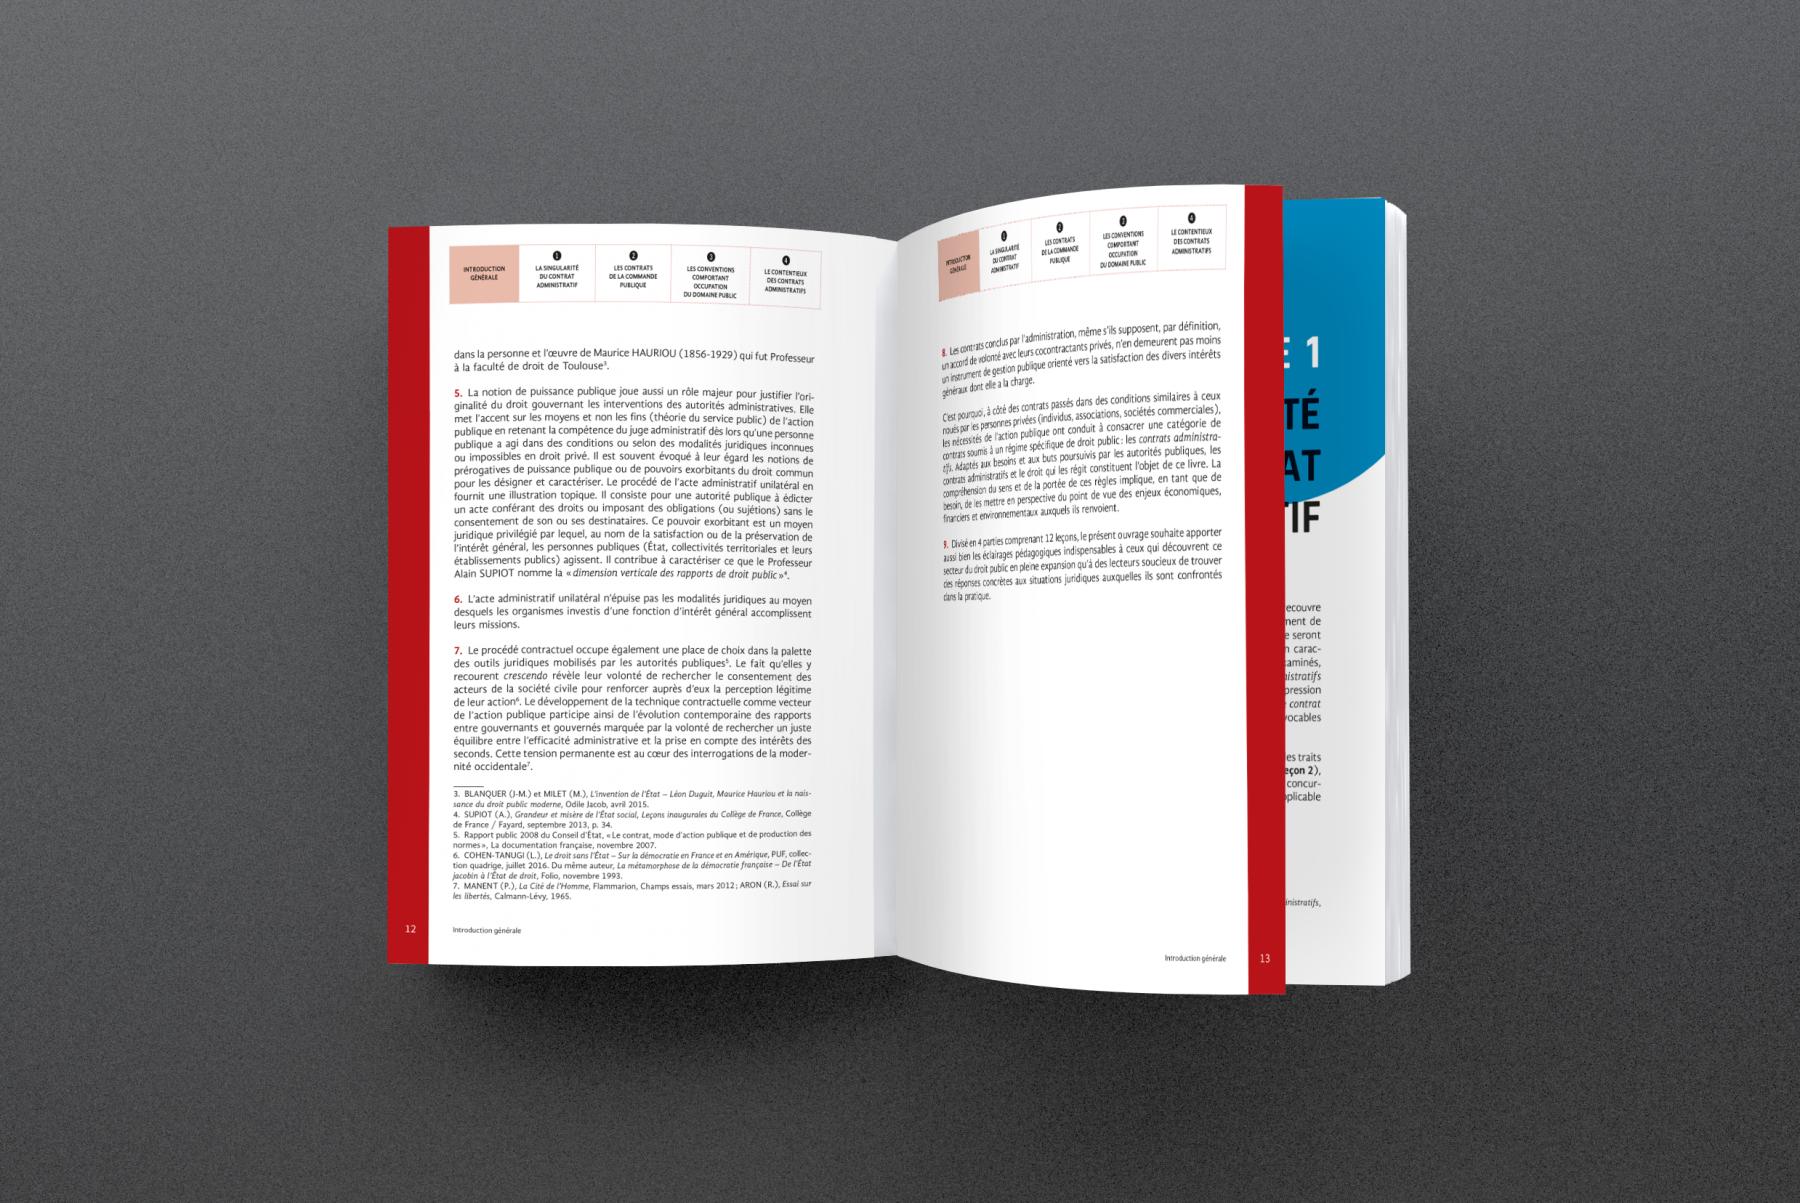 Création de maquette et mise en pages d'une collection juridique pour l'éditeur Enrick B